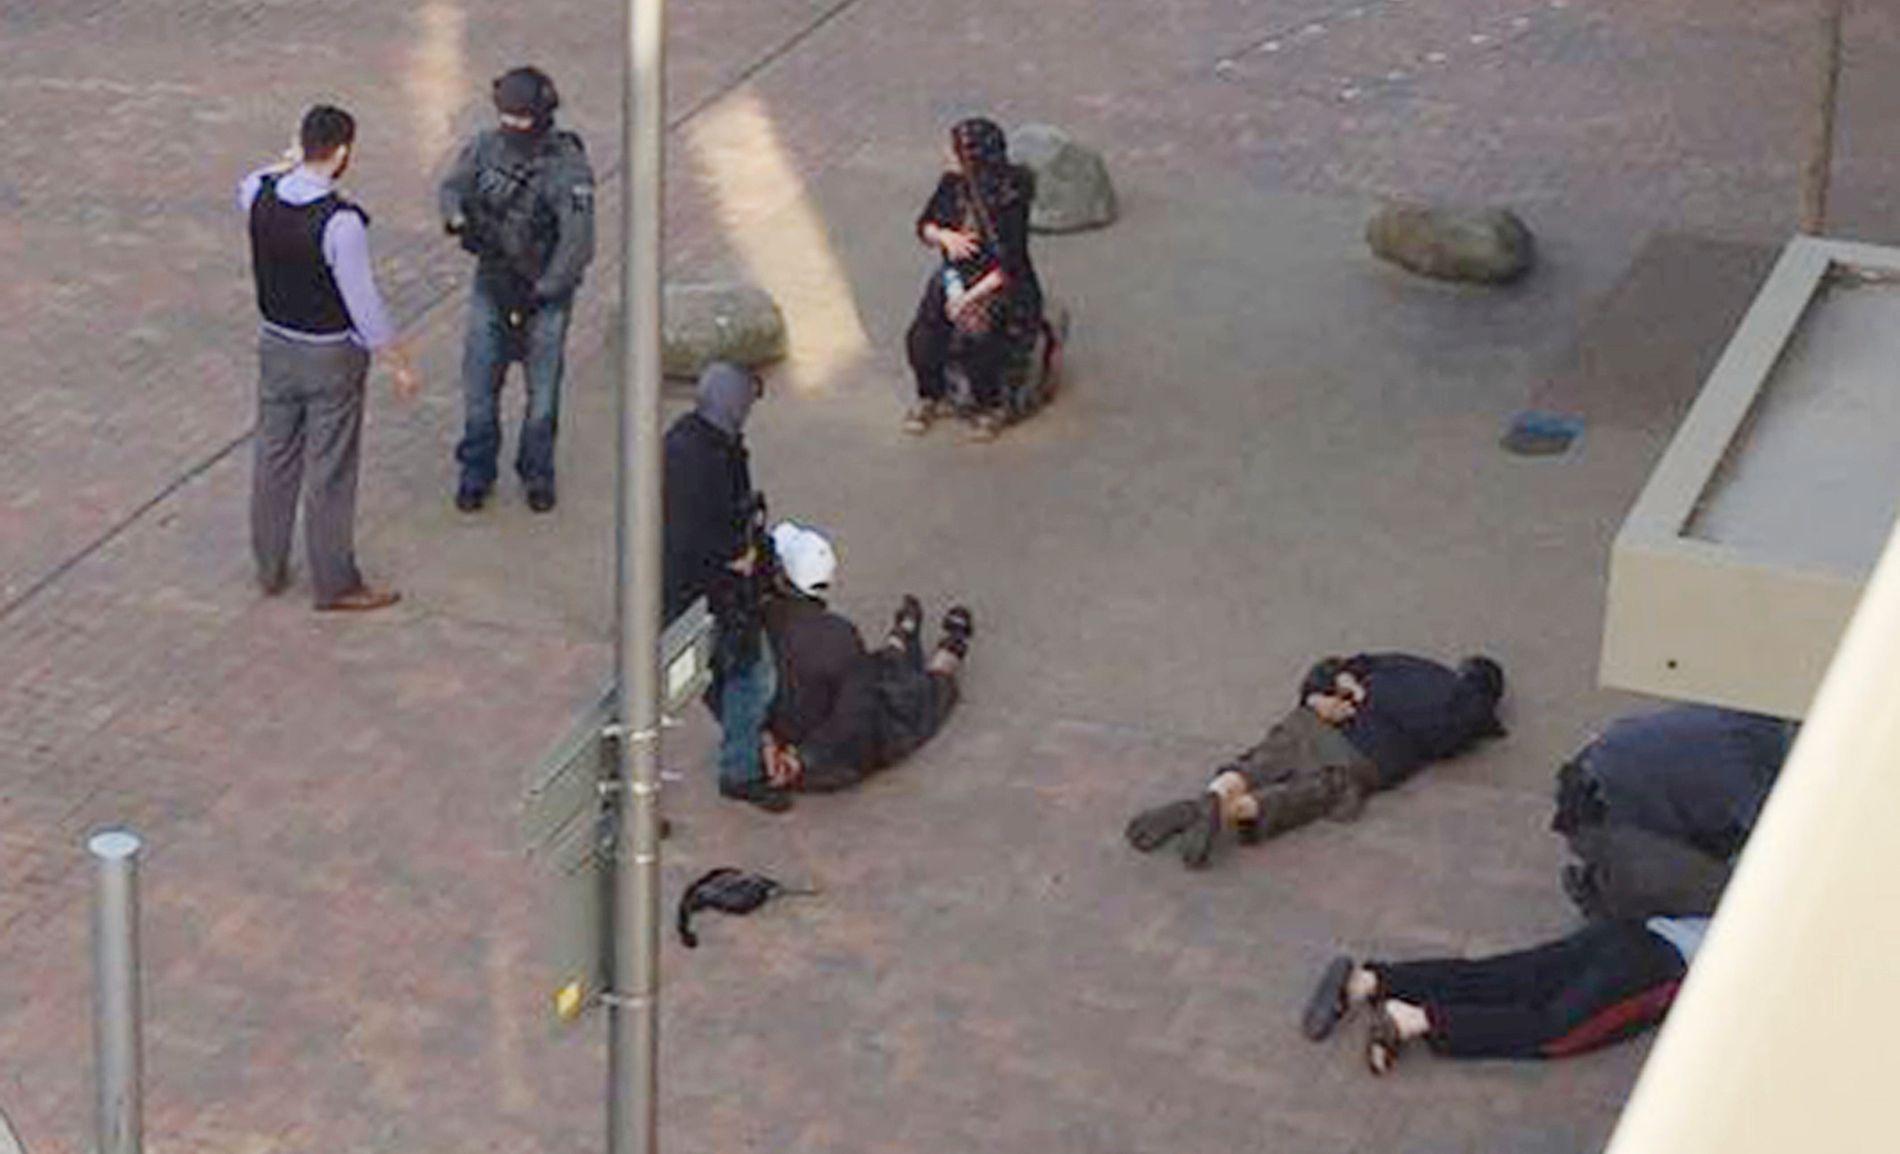 ARRESTERT: Her er flere av de arresterte i Barking lagt i jern på bakken. Et medlem av politiets innsatsstyrker står i bakgrunnen.